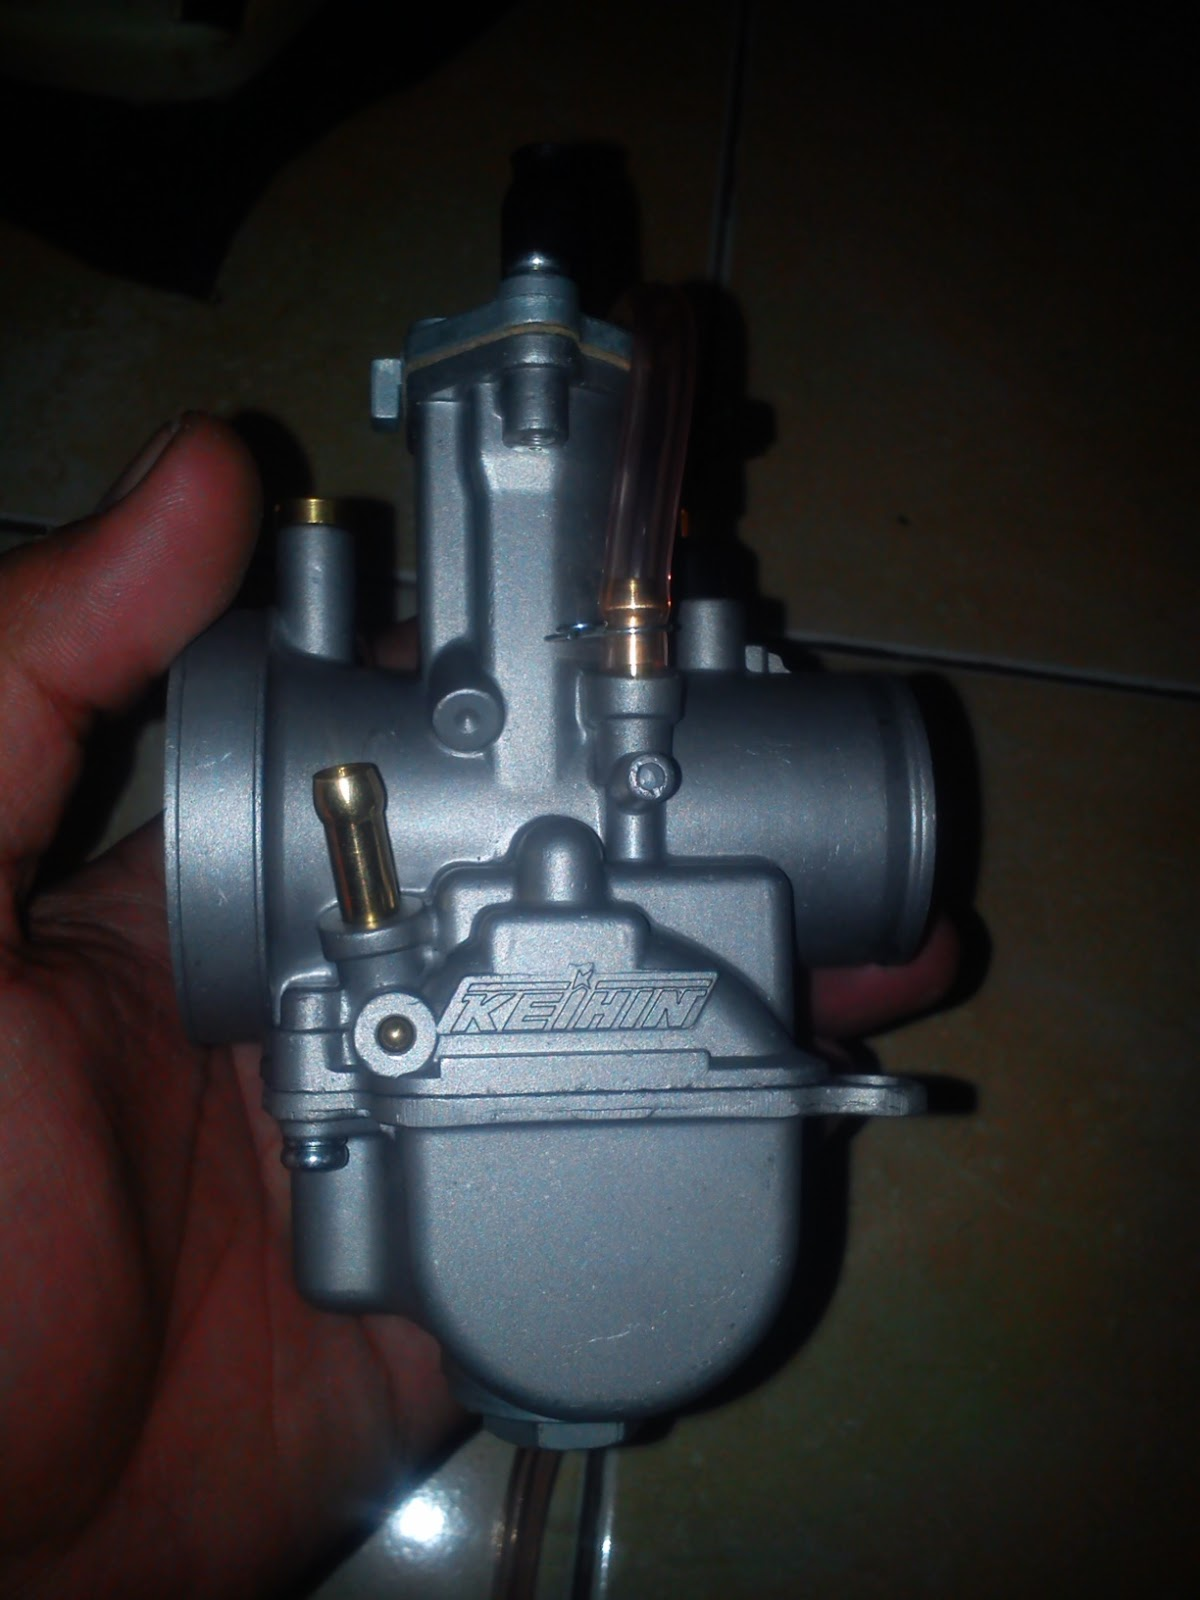 SETENGAH KOPLING: Pasang karburator PWK 28